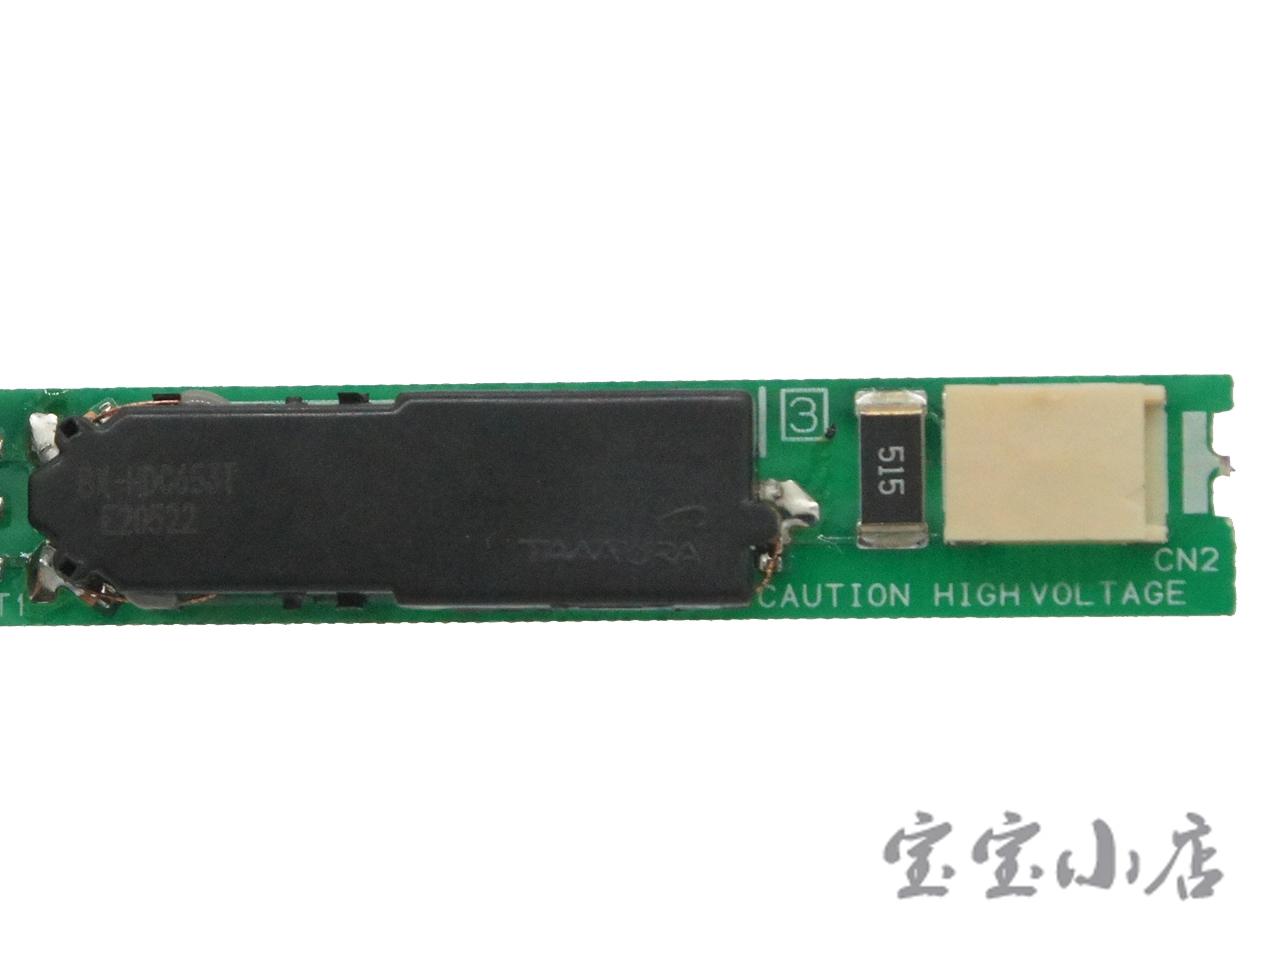 索尼Sony Vaio VGN-NW VGN CS FE FS FW FZ CR 逆变器 高压板 HBL-0362 HBL-0374 HBL-0381 HBL-0340